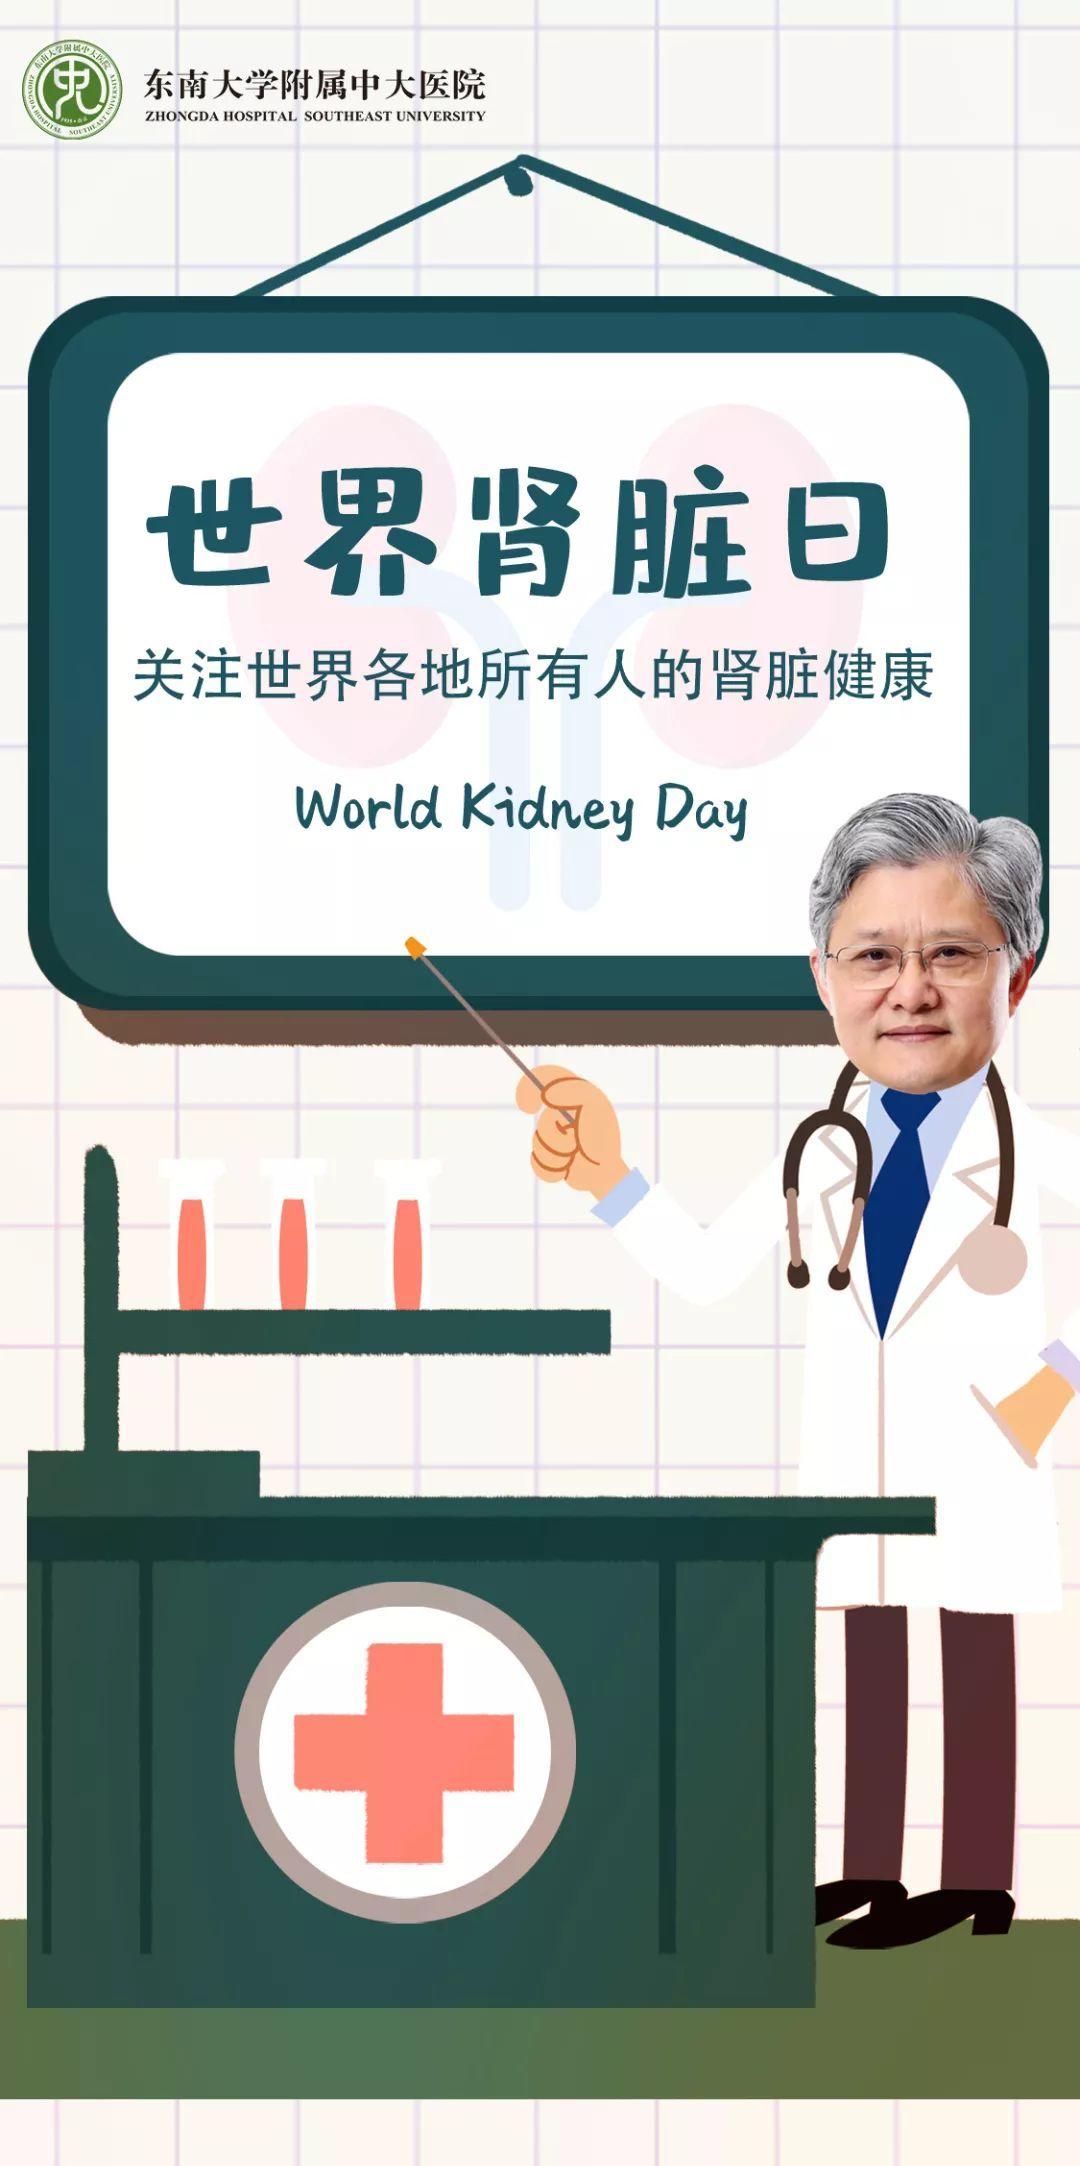 【福利】3月13日,中大医院世界肾脏病日大型义诊讲座邀您参加!